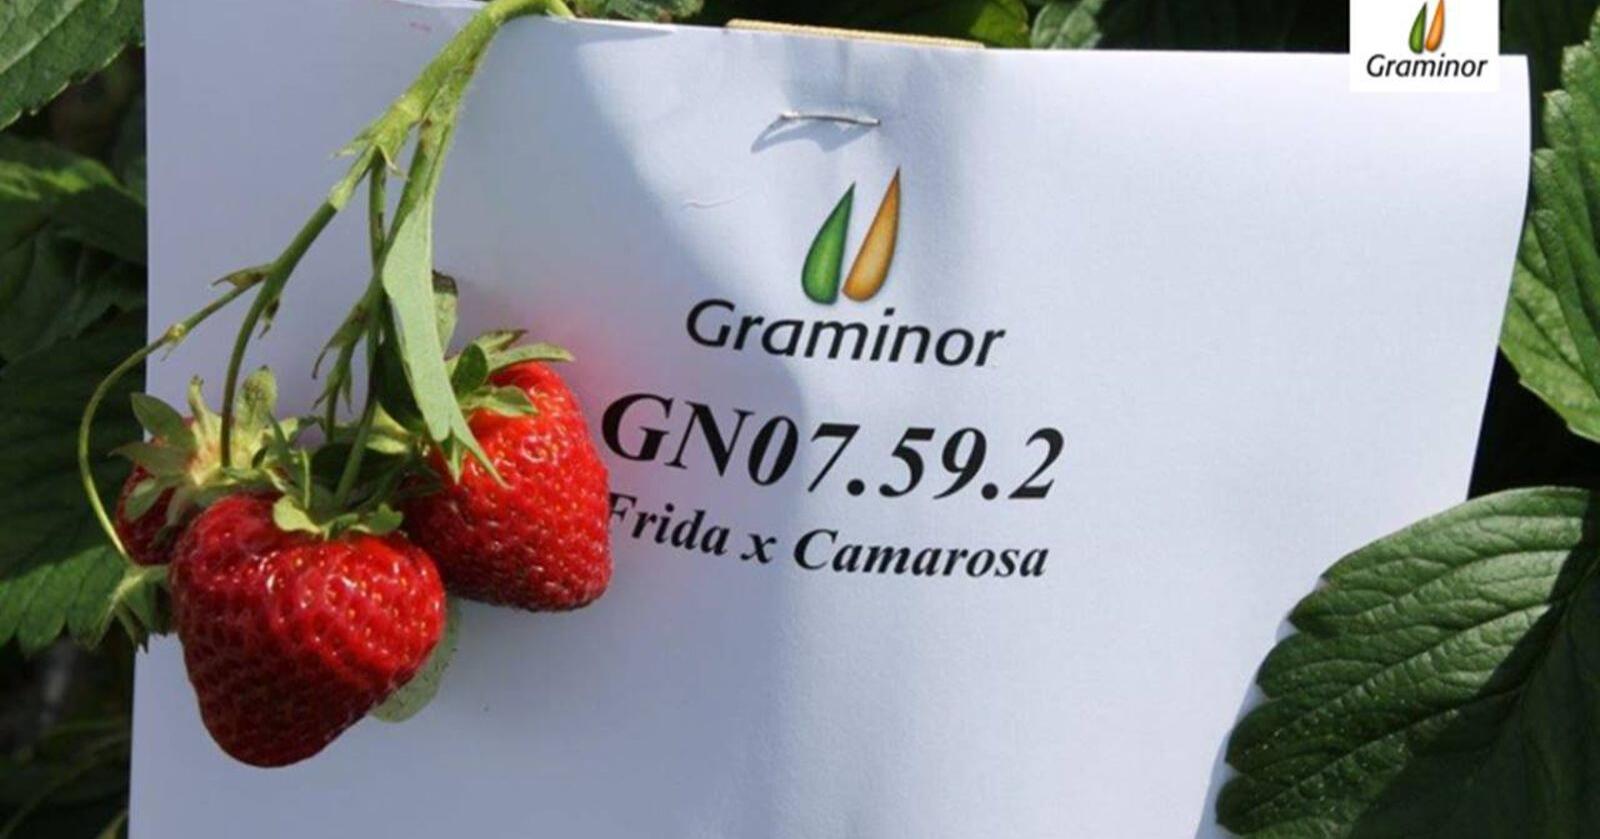 Graminor har brukt 12-13 år å utvikle den nye norske jordbærsorten, som foreløpig bare heter GN07.59.2. Foto: Graminor